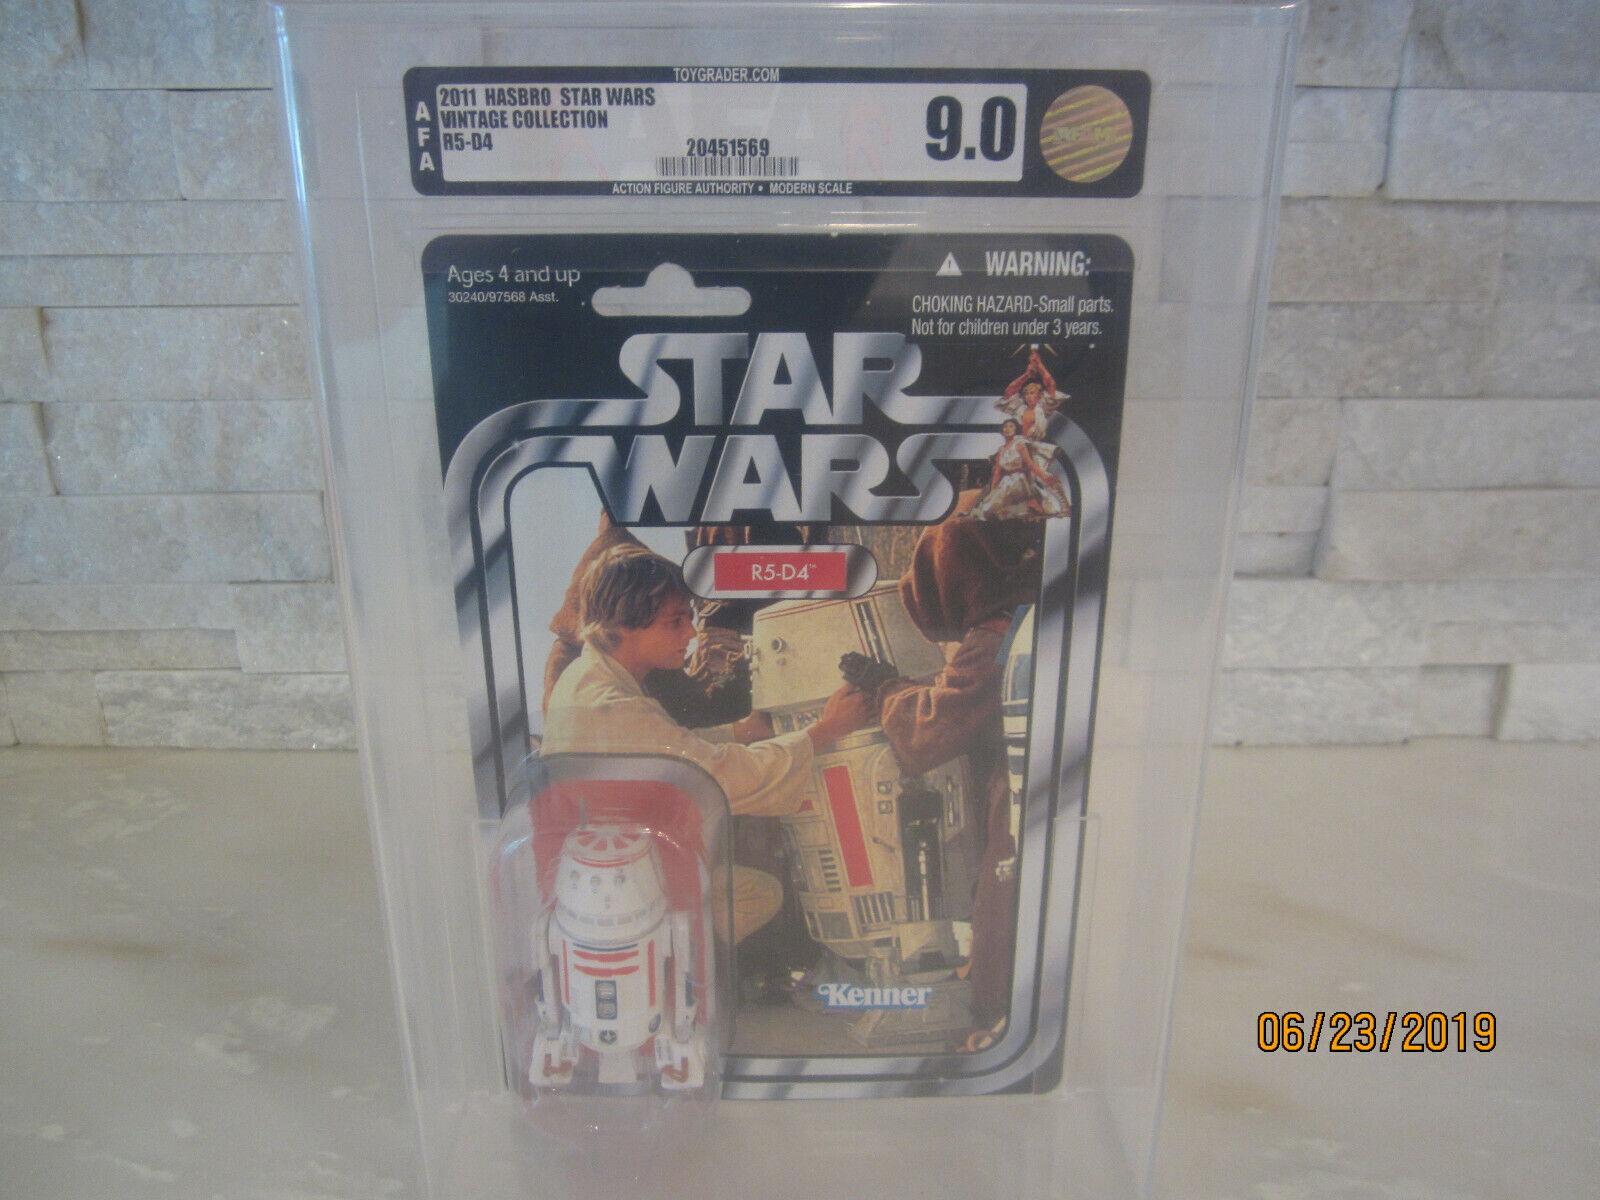 2011 STAR WARS VC40 R5-D4 AFA GRADED 9.0